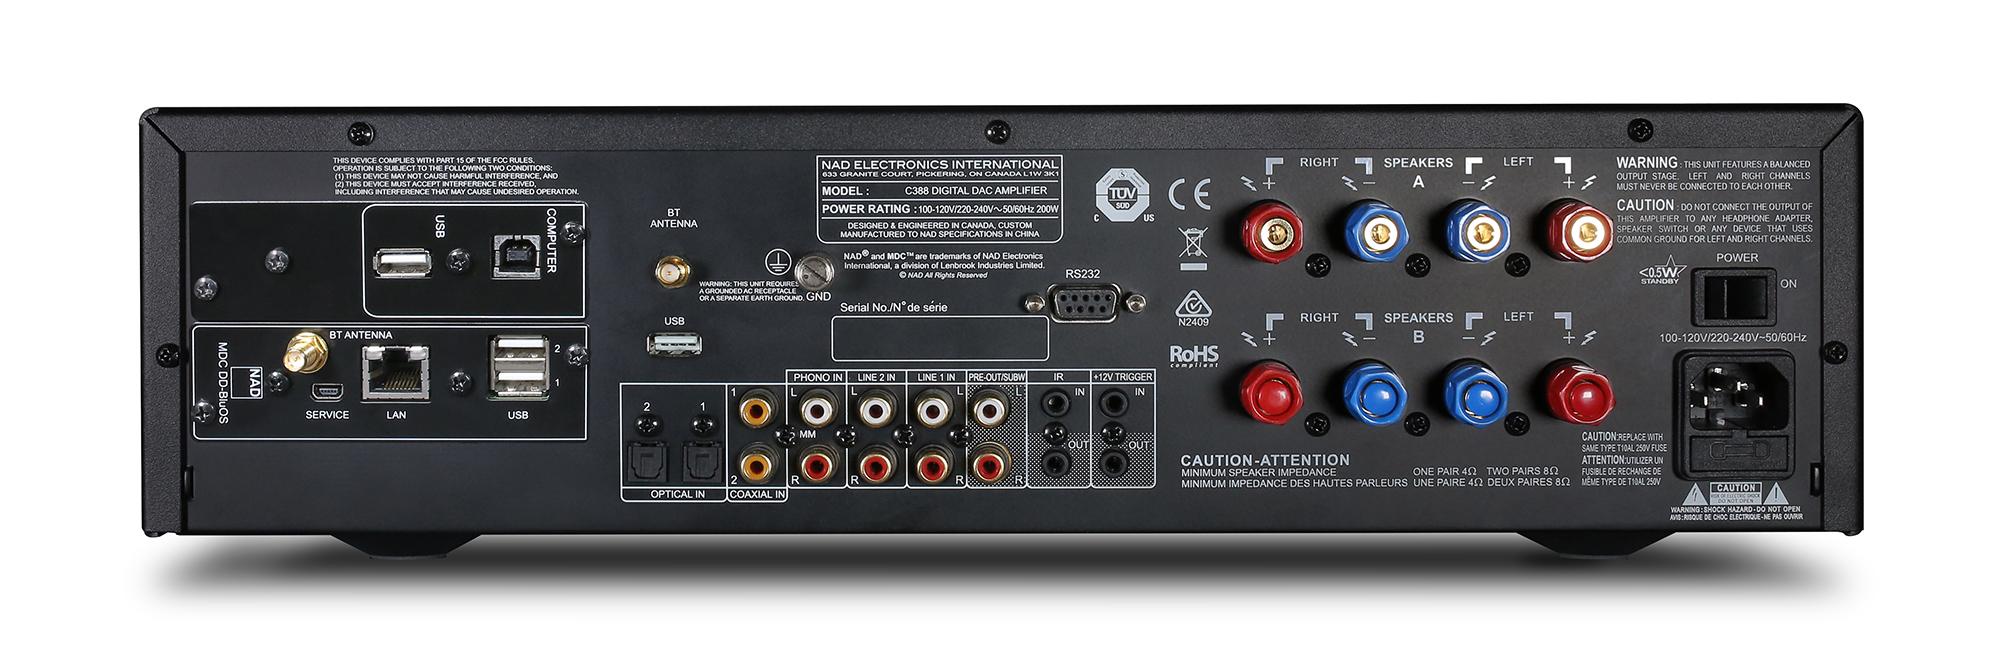 Man kan tilføje nye funktioner MDC-indstiksmoduler, kendt fra NADs high-end-serie, Masters. Foto: NAD